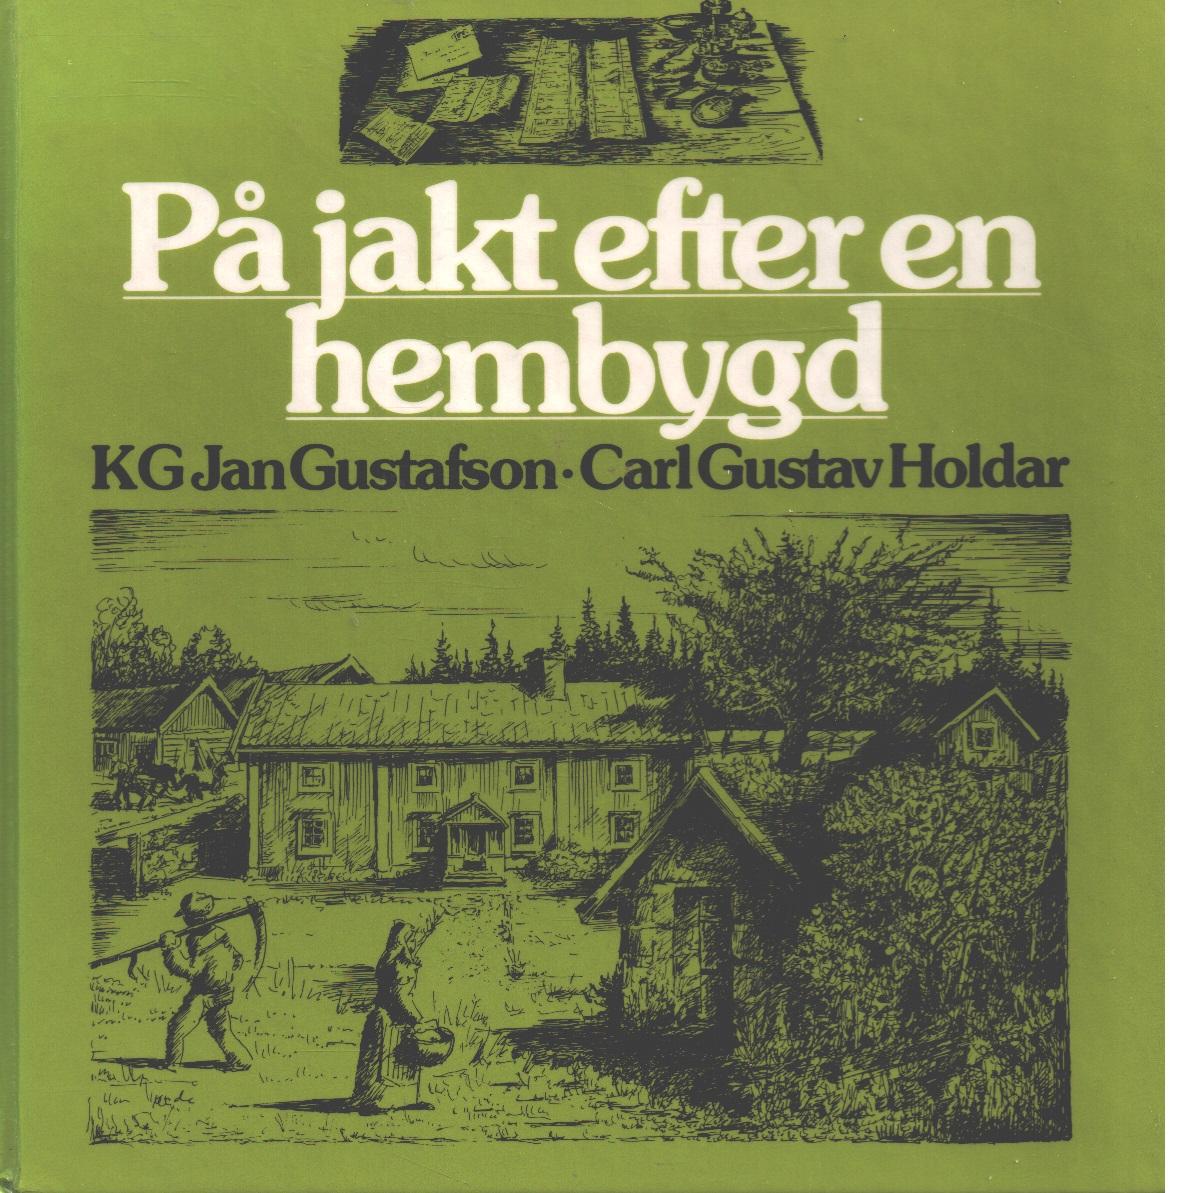 På jakt efter en hembygd - Gustafson, K. G. Jan och Holdar, Carl-Gusta